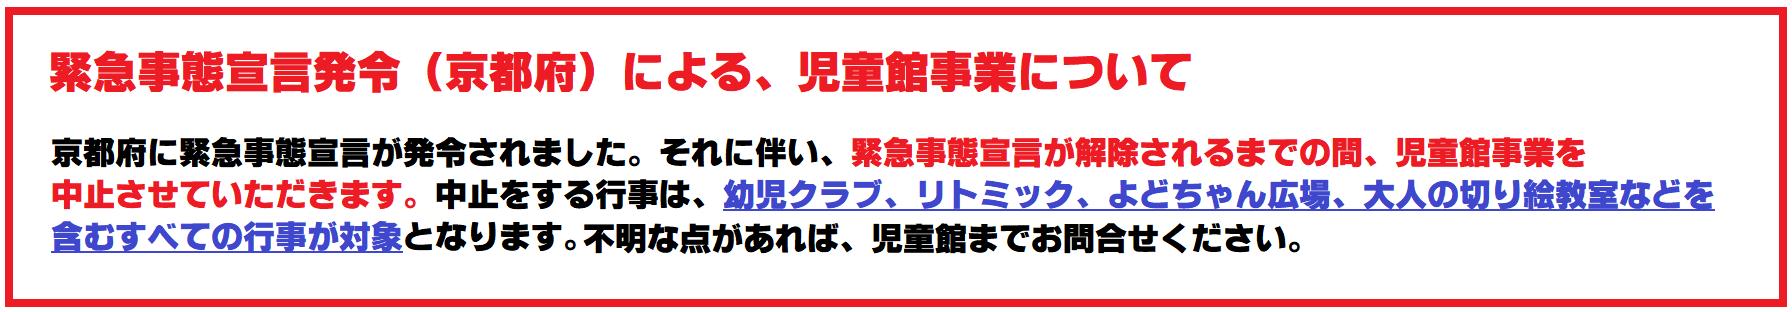 緊急事態宣言が解除されるまでの間、リトミックと幼児クラブは中止させていただきます。